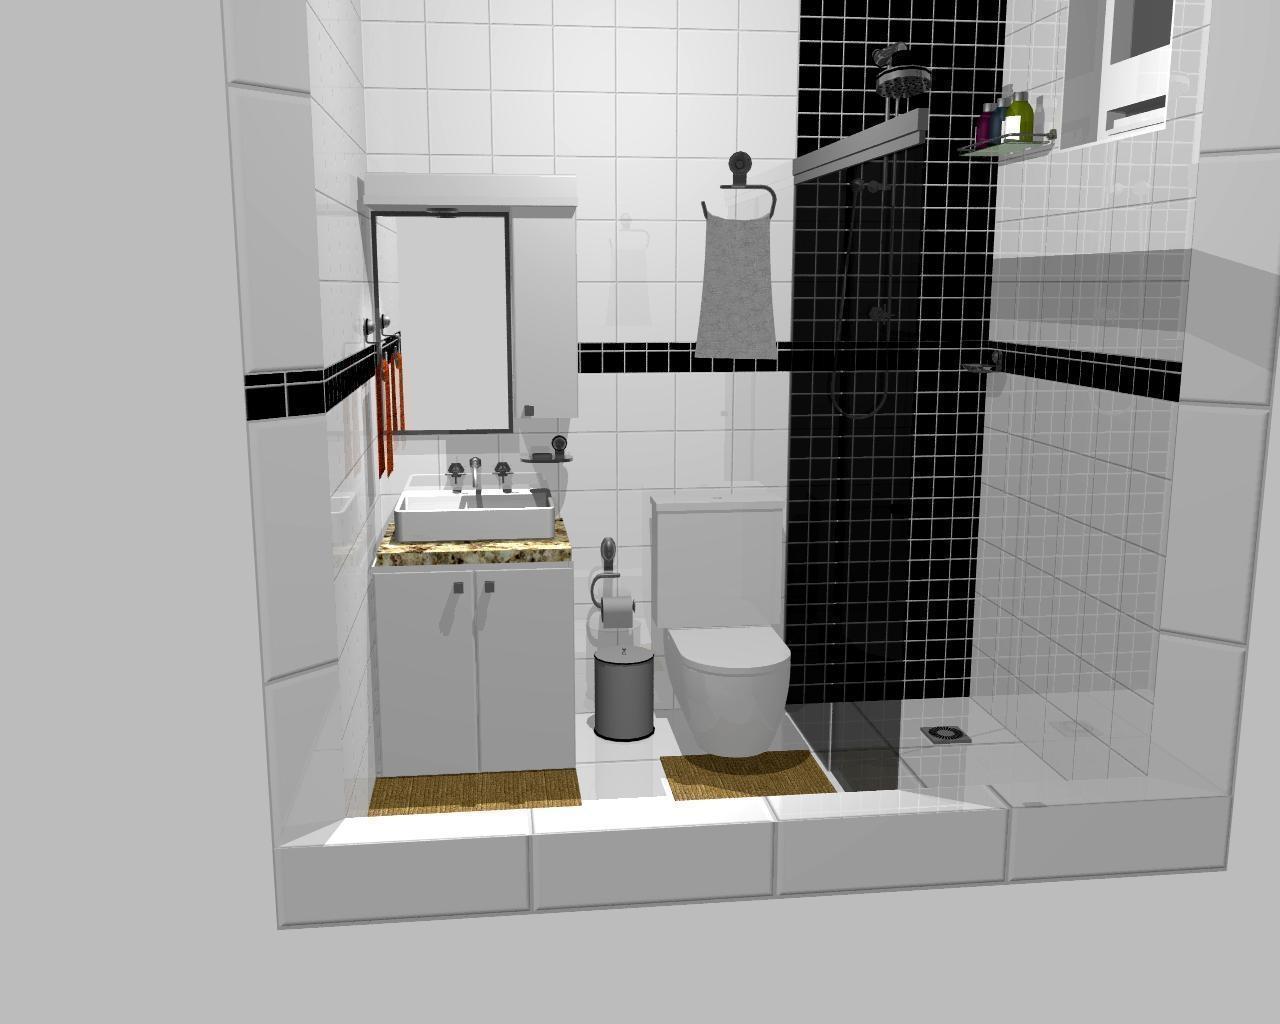 banheiro pequeno 12 Quotes #654D27 1280x1024 Banheiro Com Jardim Pequeno